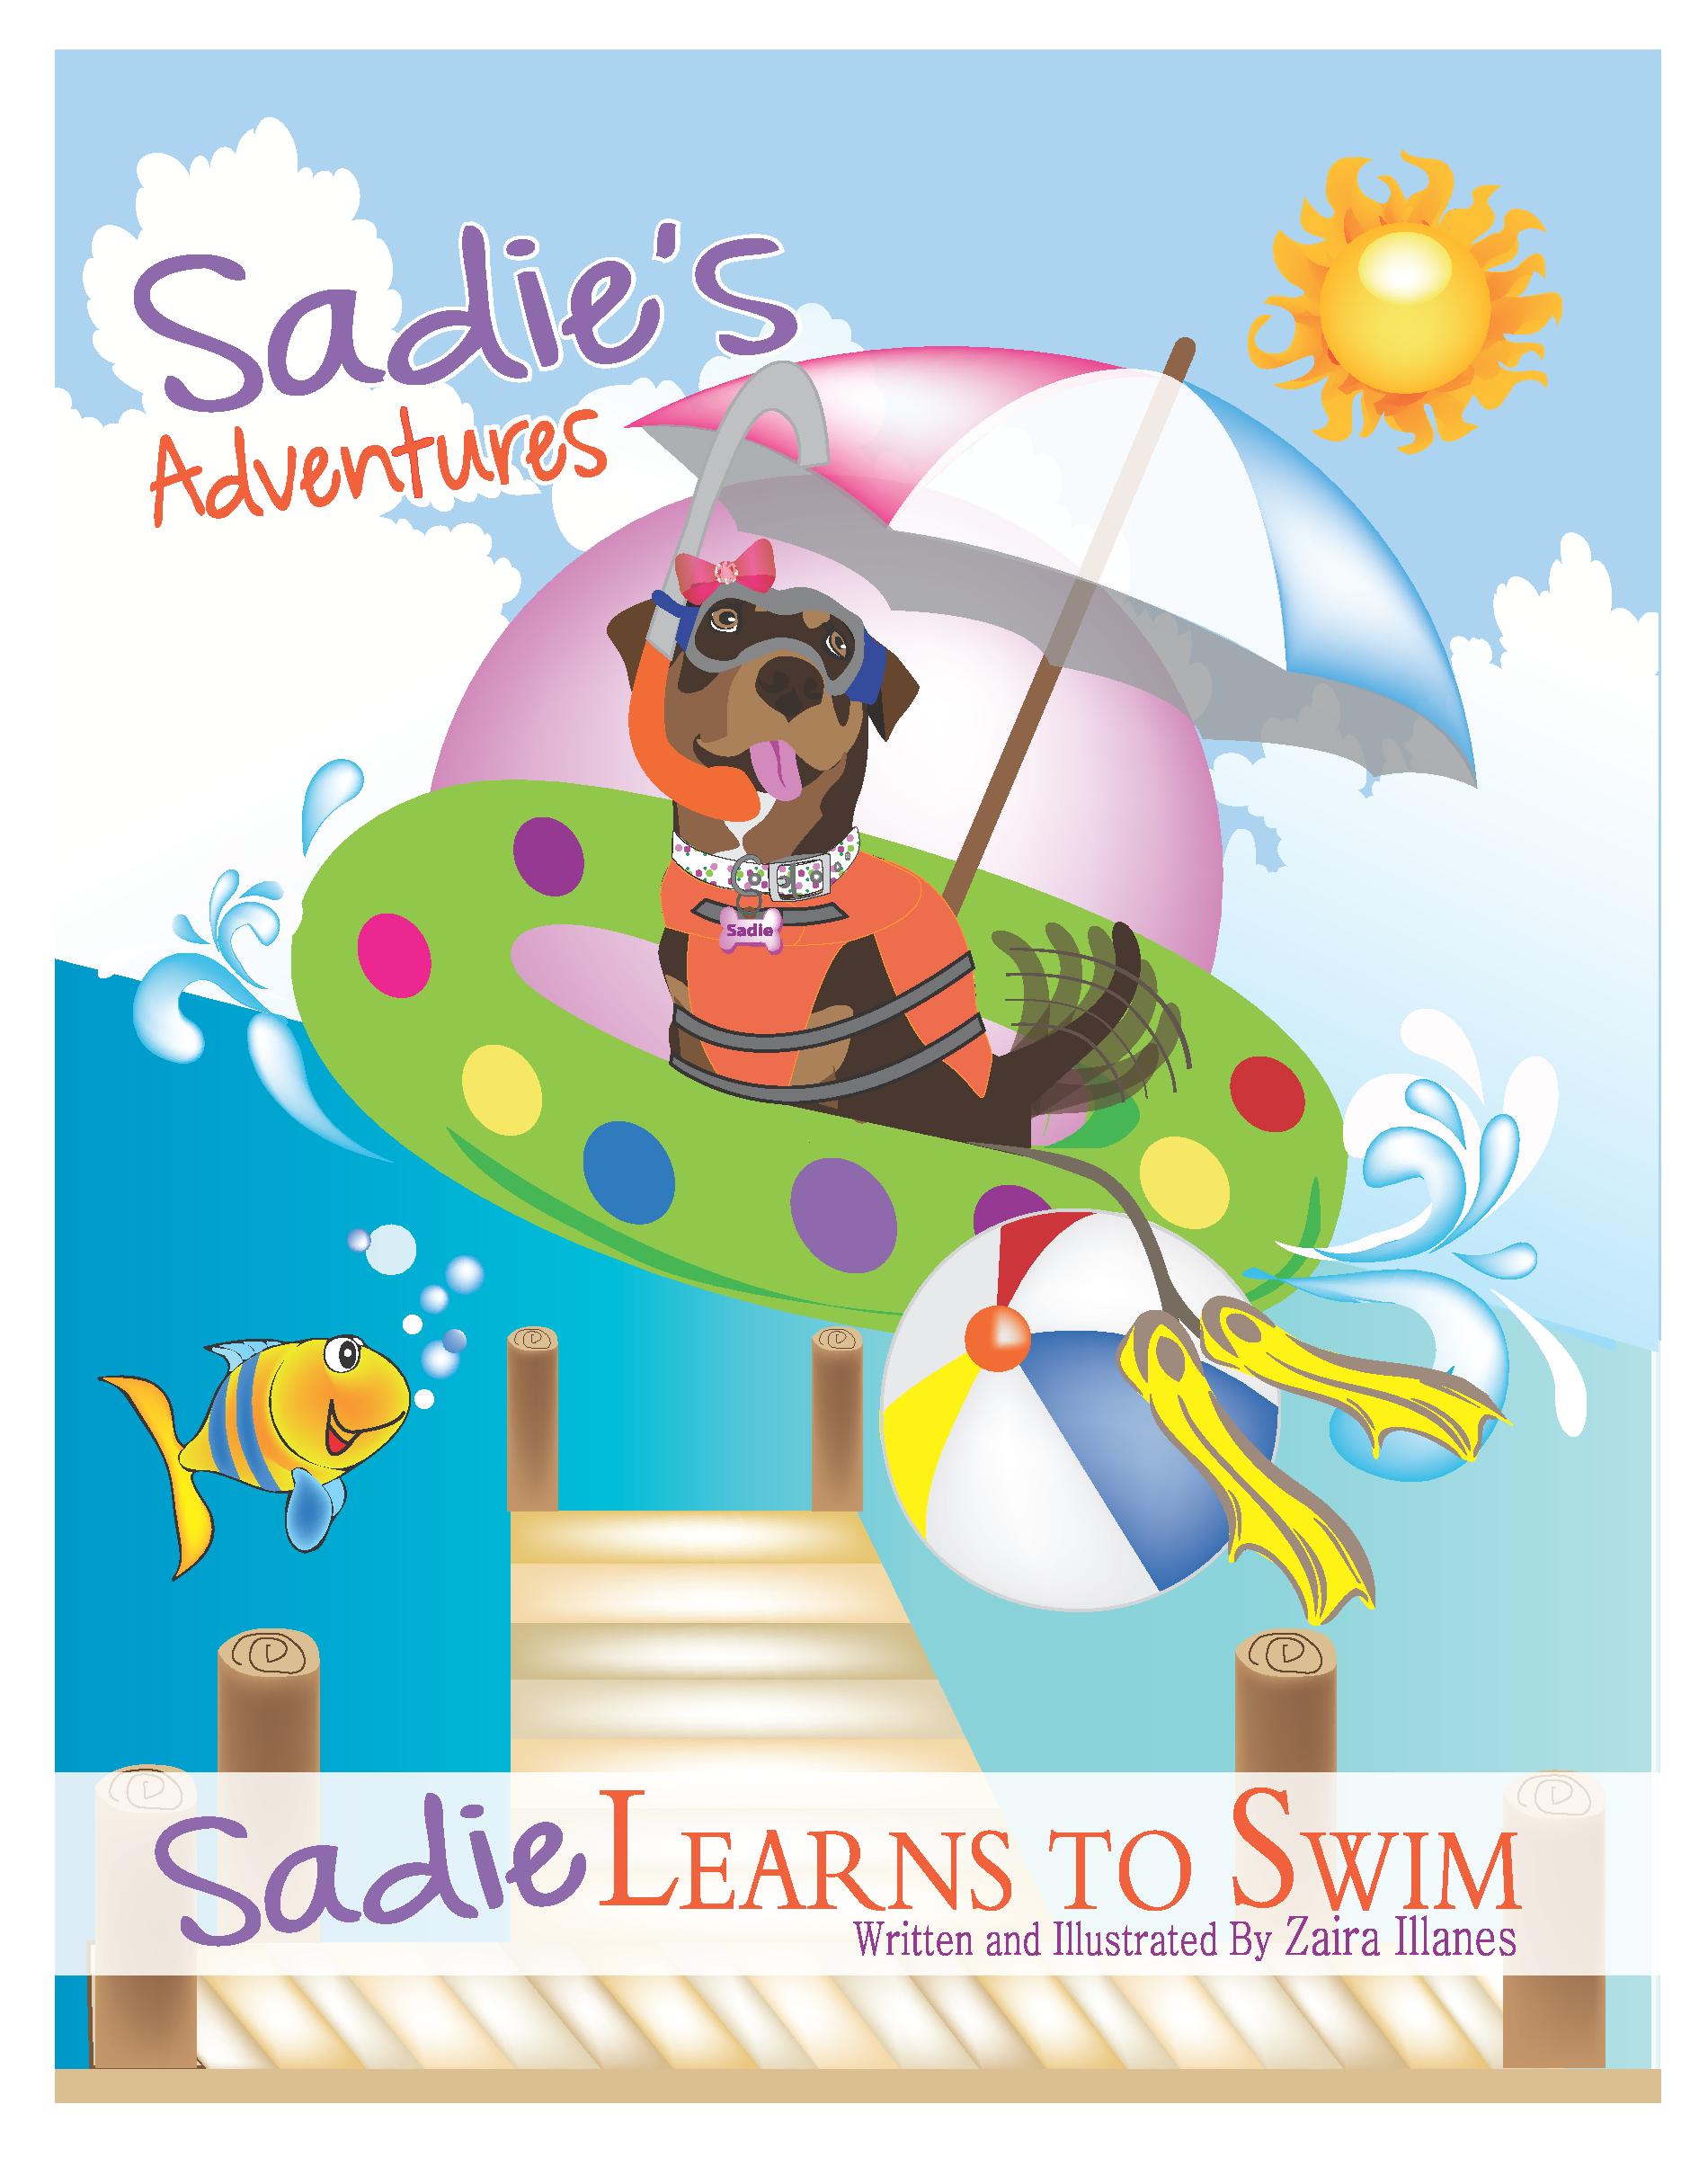 Sadie's Adventures cover art